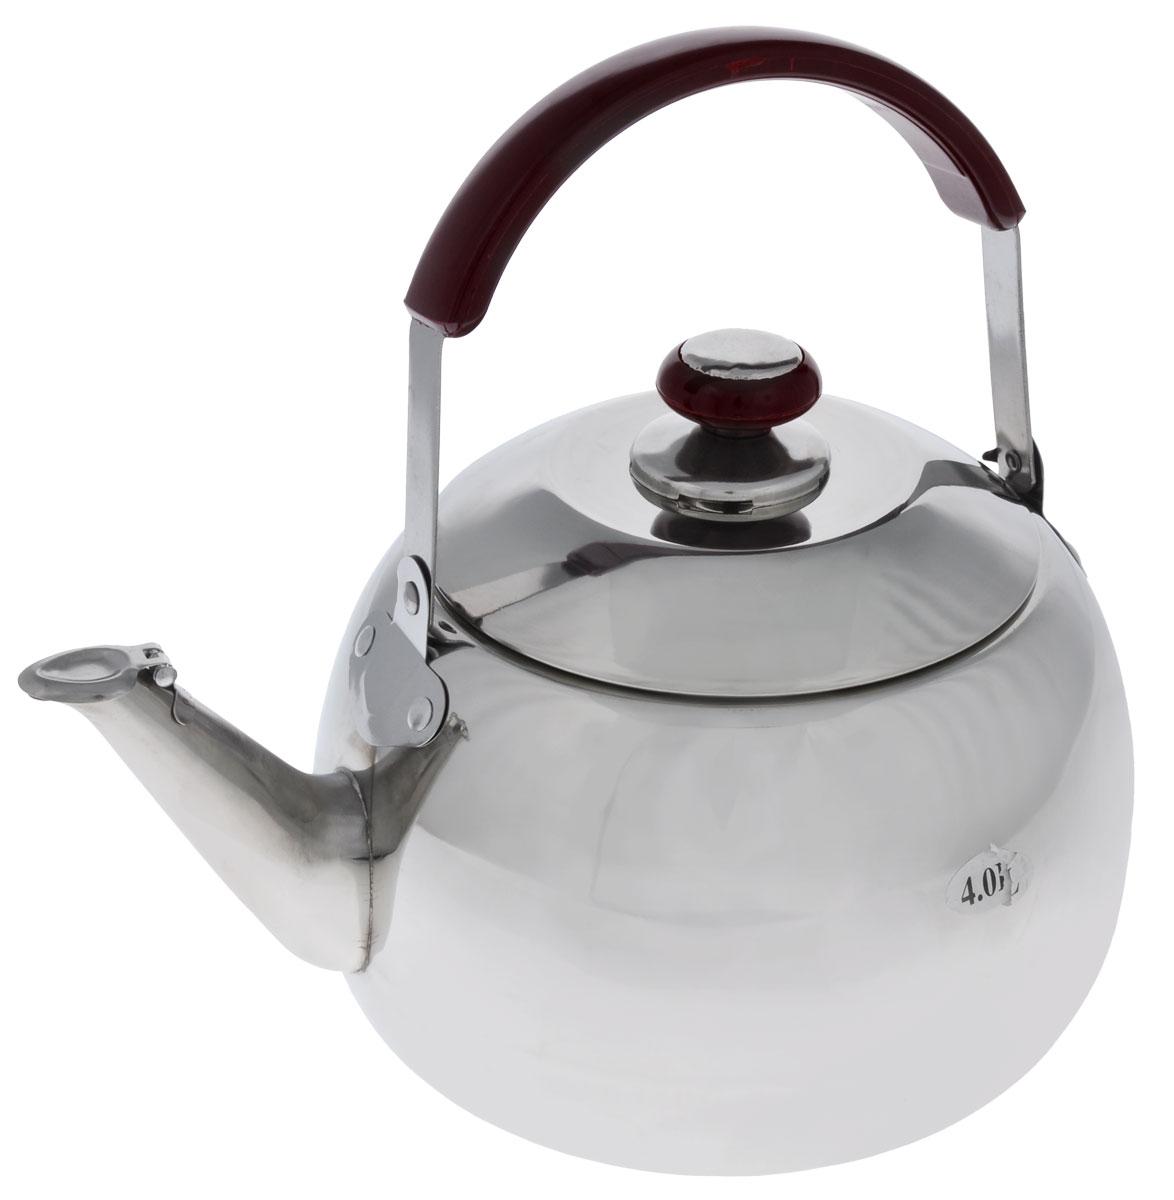 Чайник Mayer & Boch со свистком, 4 лVT-1520(SR)Корпус чайника Mayer & Boch выполнен из высококачественной нержавеющей стали с зеркальной поверхностью, что обеспечивает долговечность использования. Подвижная ручка из стали с накладкой из бакелита делает использование чайника очень удобным и безопасным. Крышка из нержавеющей стали снабжена свистком, что позволит вам контролировать процесс подогрева или кипячения воды. Капсулированное дно с прослойкой из алюминия обеспечивает наилучшее распределение тепла. Эстетичный и функциональный, с эксклюзивным дизайном, чайник будет оригинально смотреться в любом интерьере. Можно мыть в посудомоечной машине.Диаметр основания чайника: 17 см.Высота чайника (без учета крышки): 13 см.Высота чайника (с учетом крышки): 18 см.